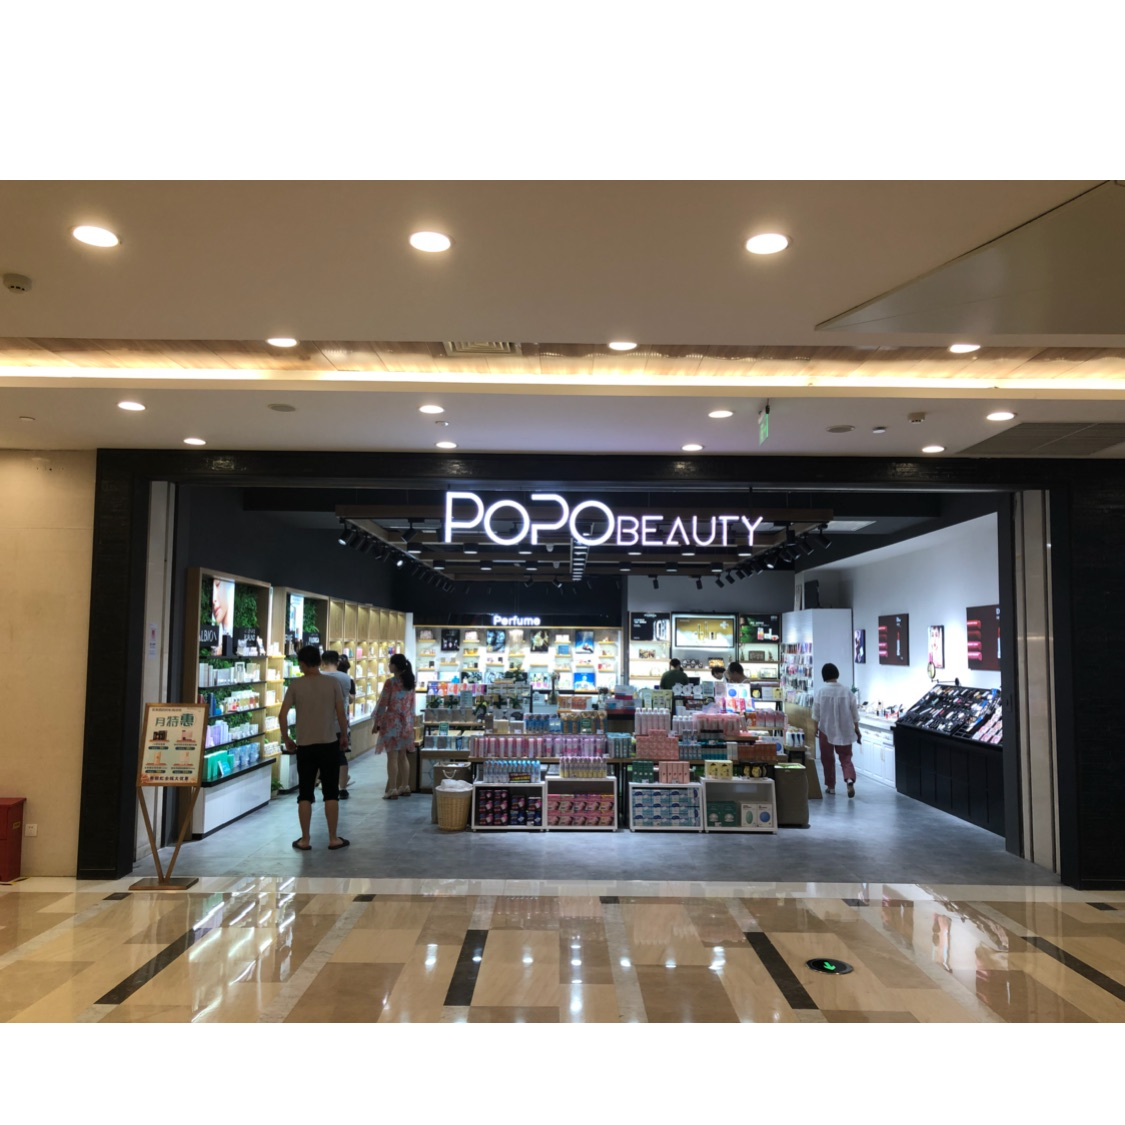 POPObeauty